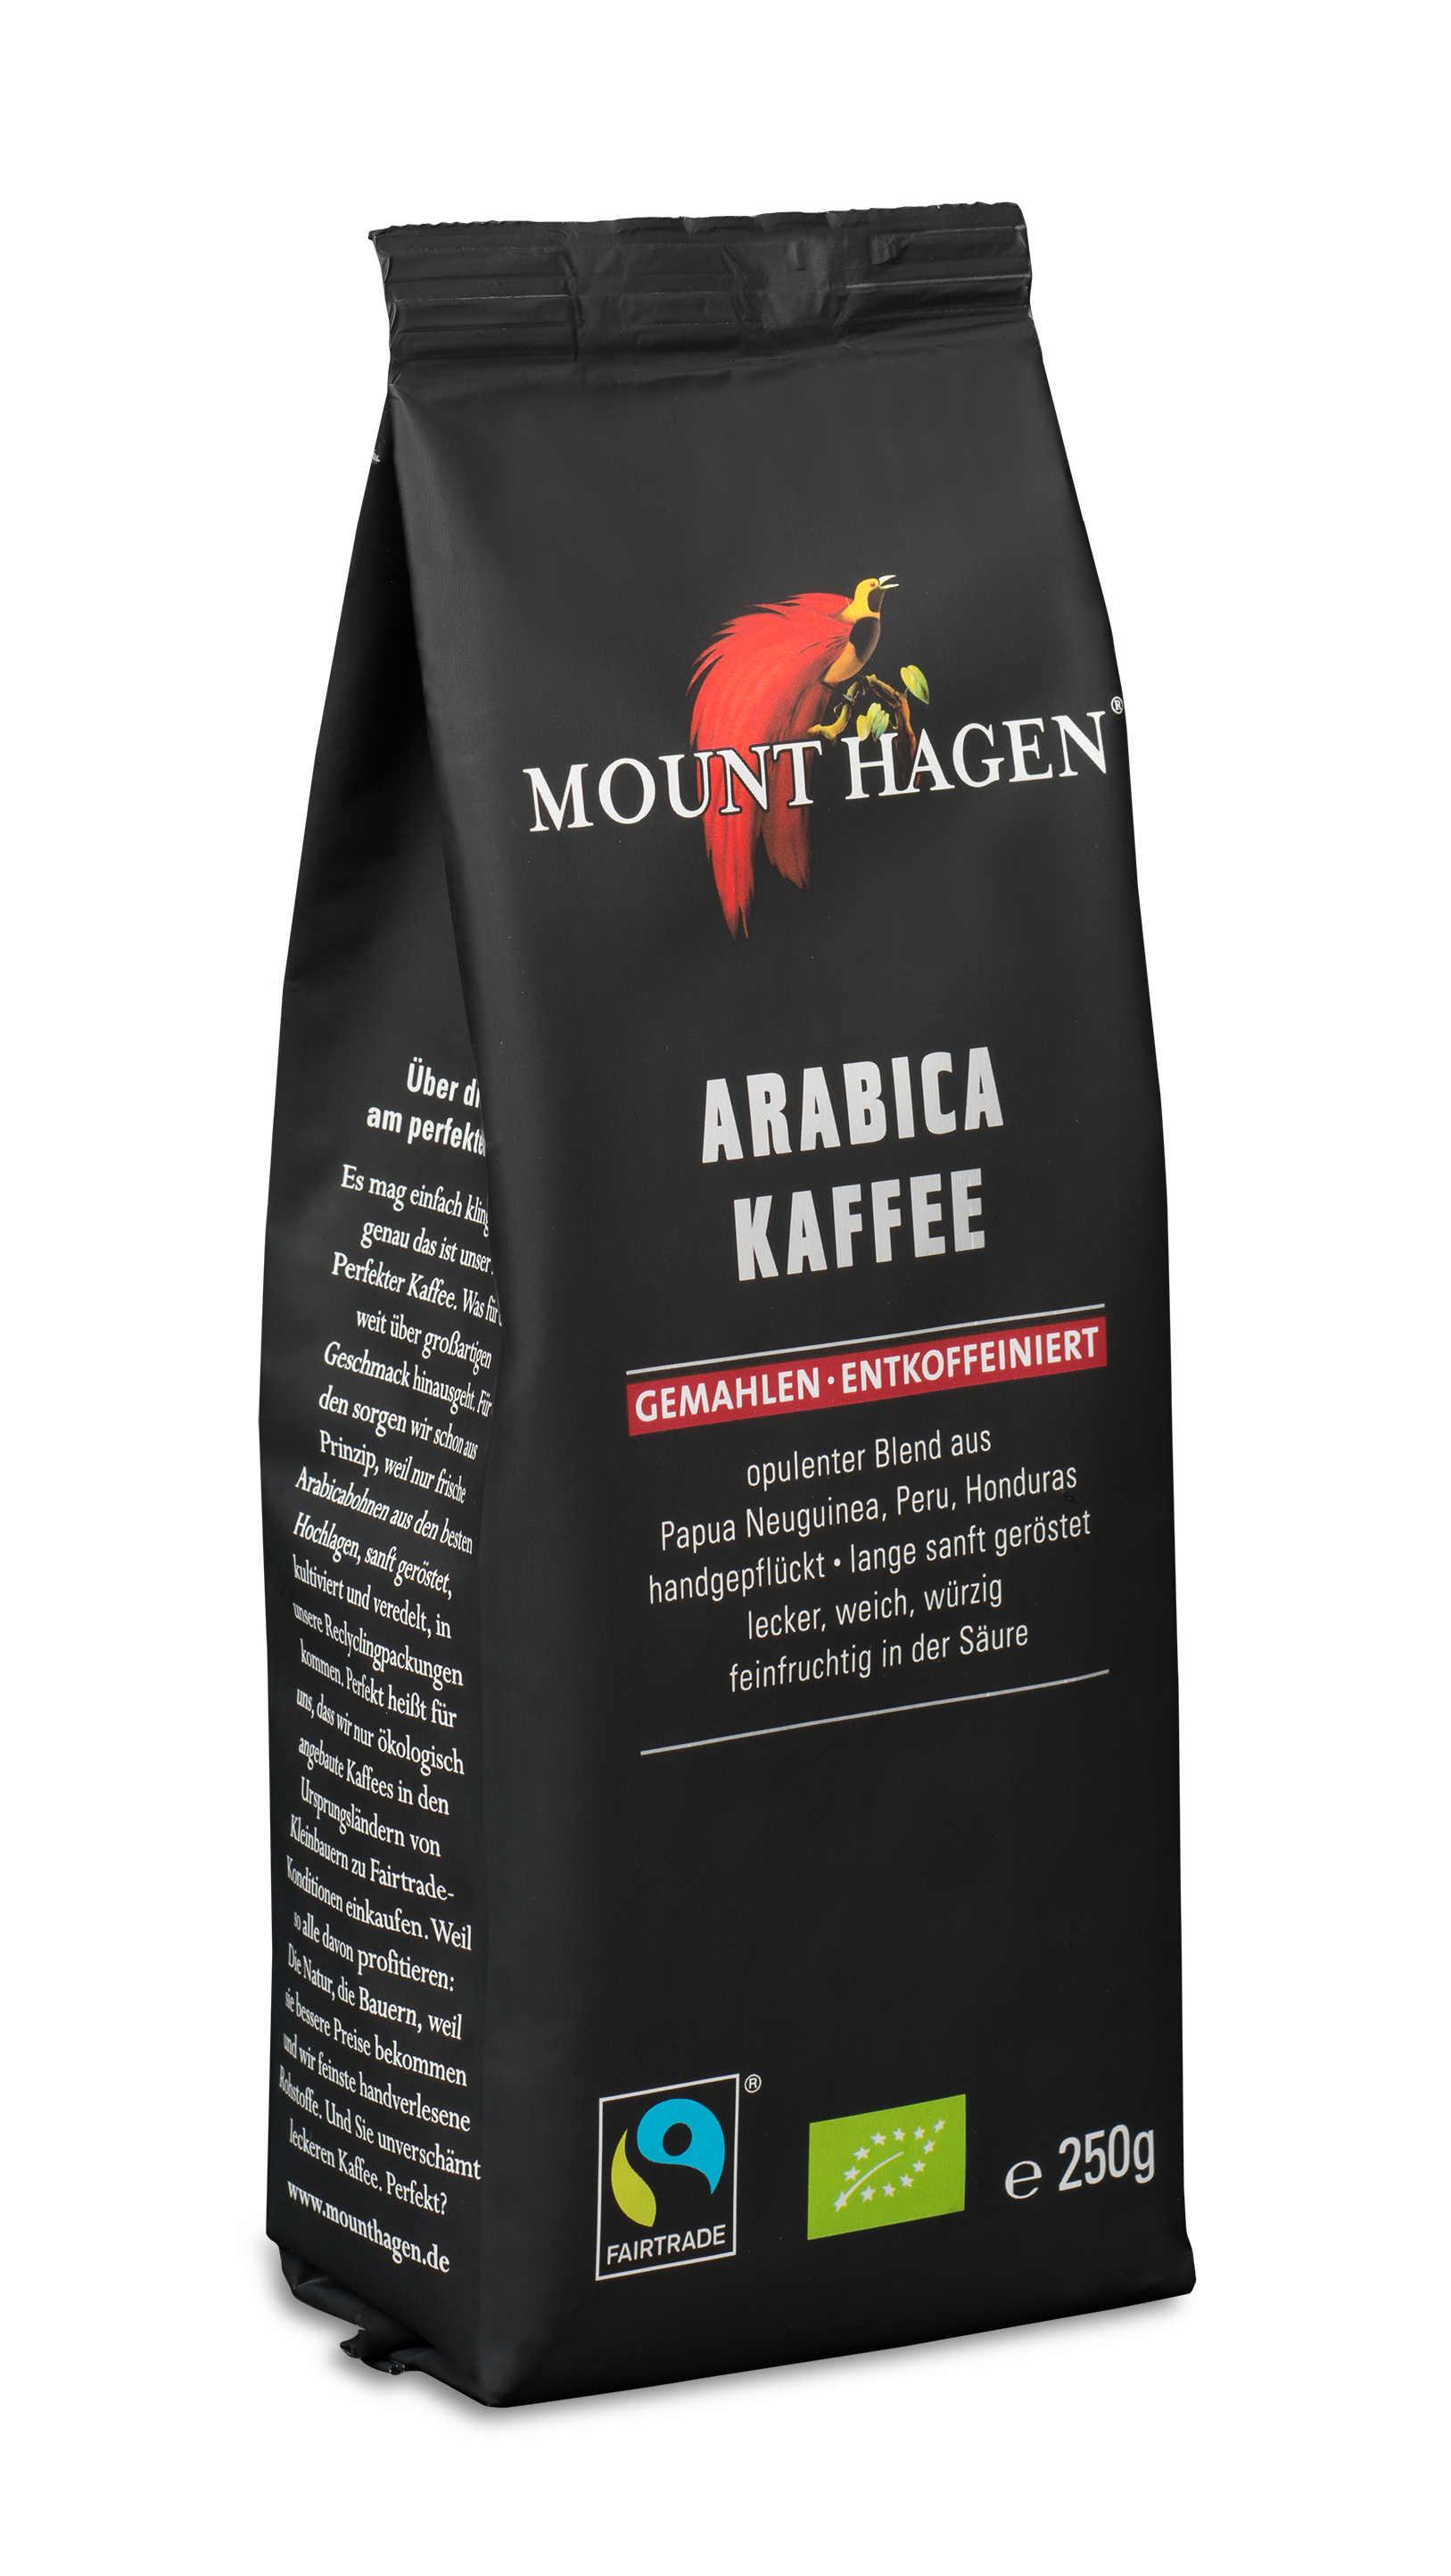 Arabica Kaffee, gemahlen und entkoffeiniert